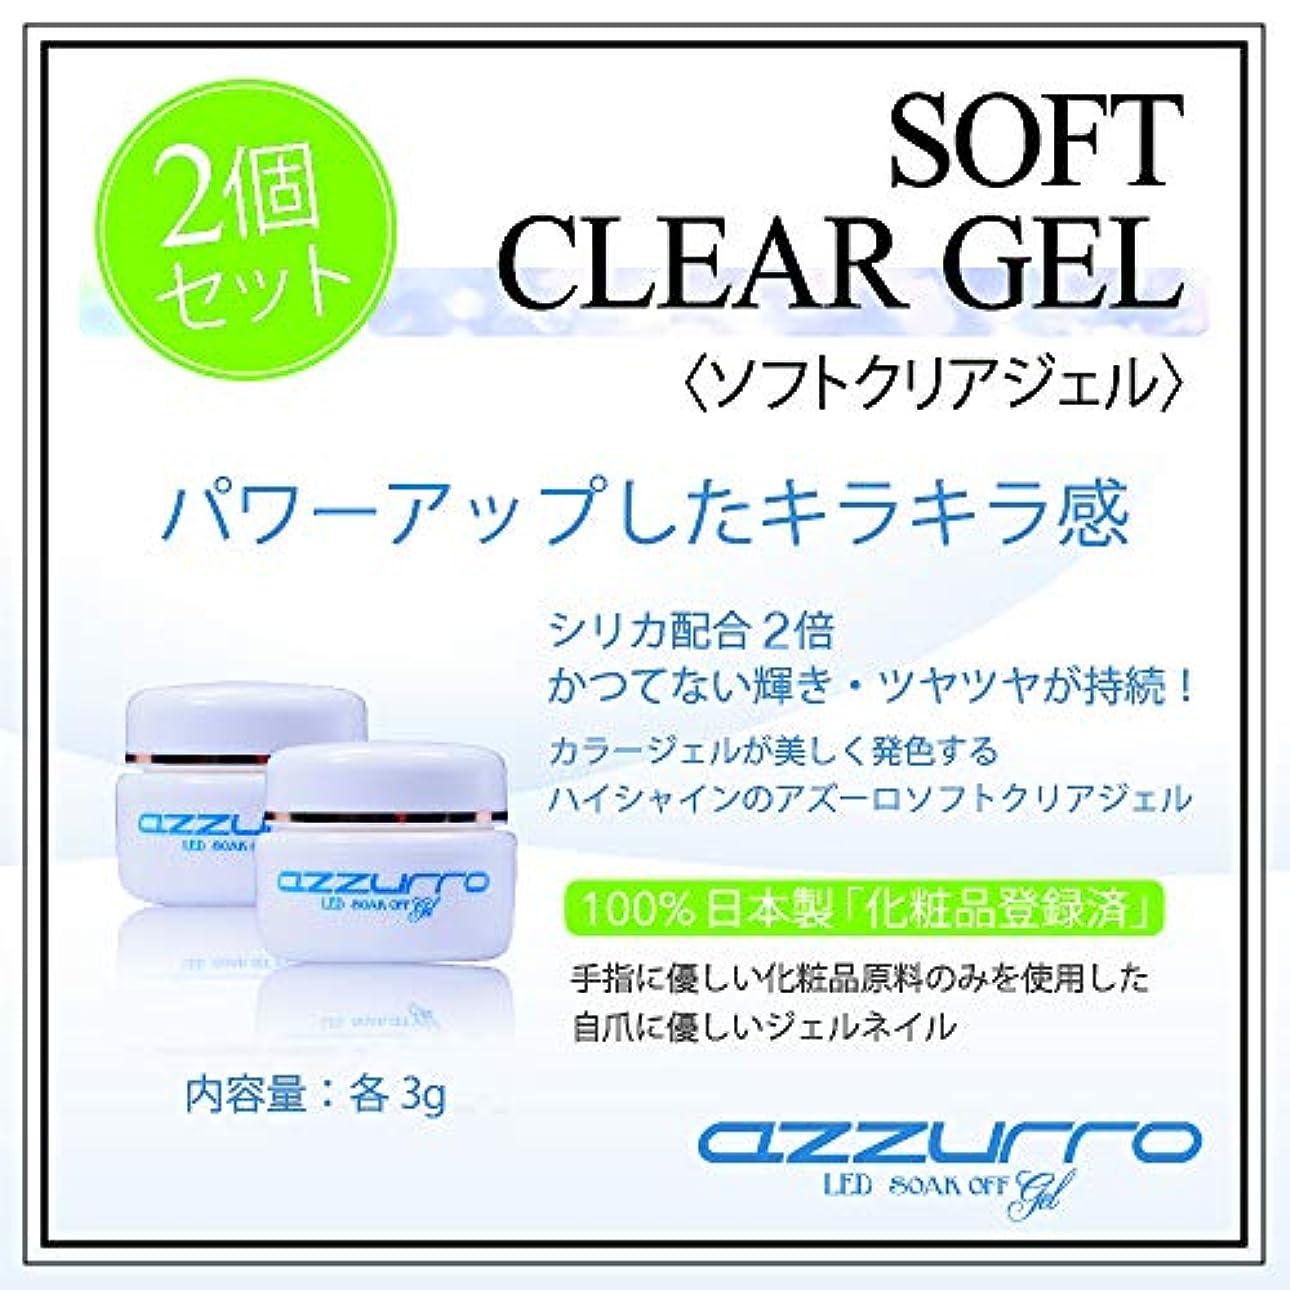 剣馬鹿げたホステスazzurro gel アッズーロ ソフトクリアージェル お得な2個セット ツヤツヤ キラキラ感持続 抜群のツヤ 爪に優しい日本製 3g